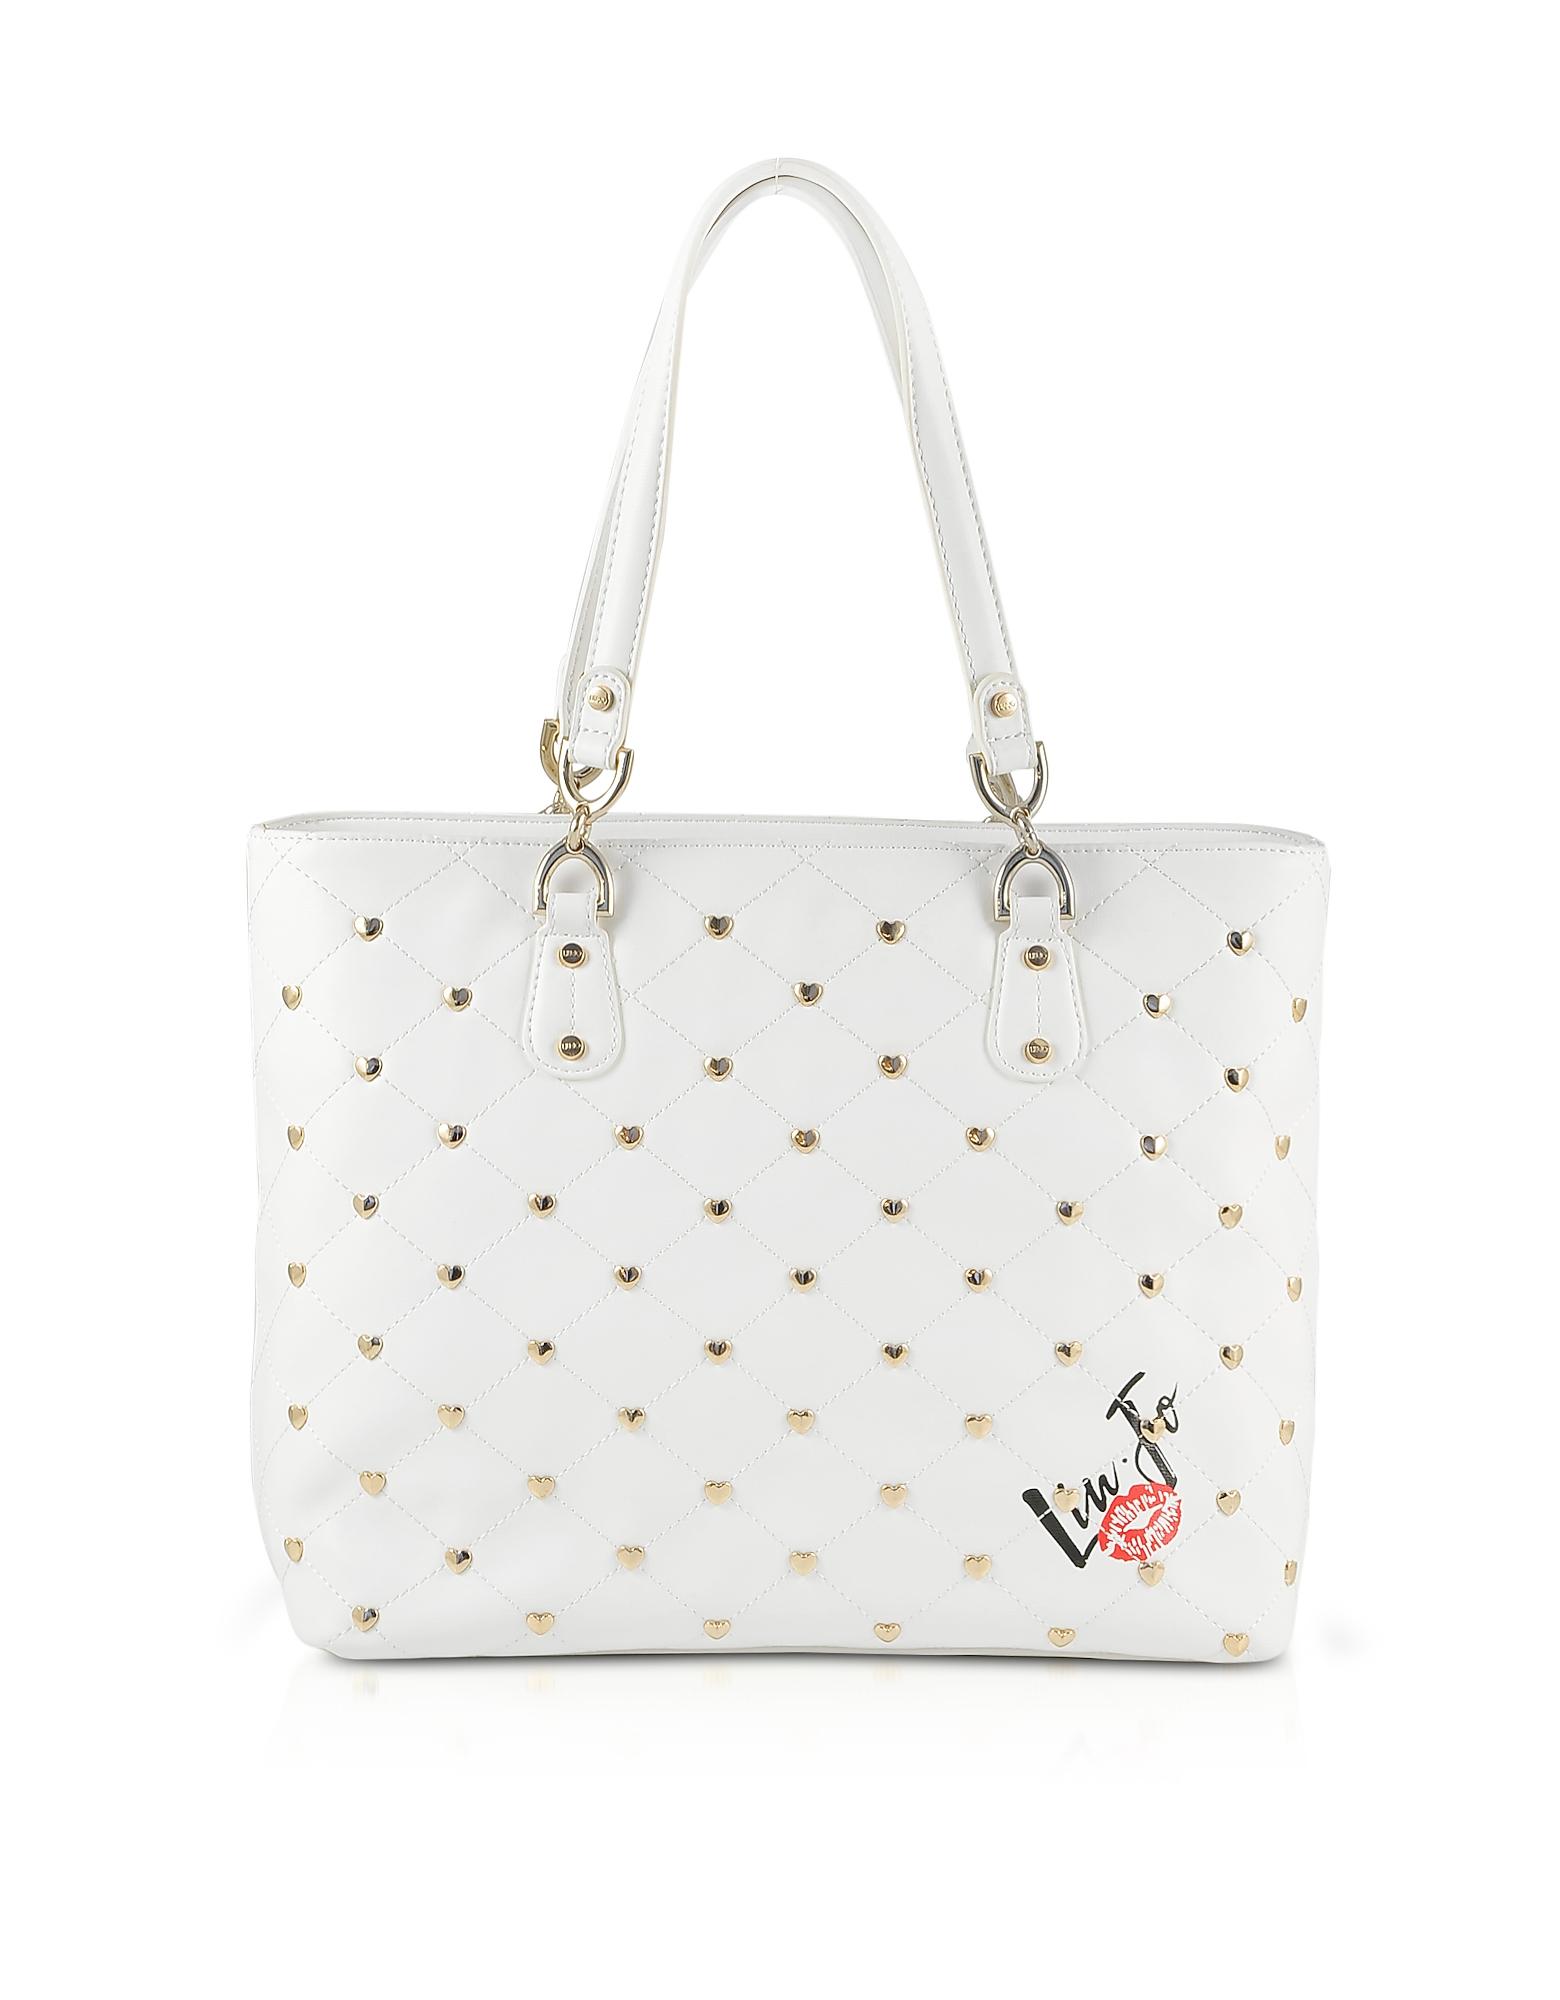 Liu Jo Designer Handbags, Withe Studded Tote Bag